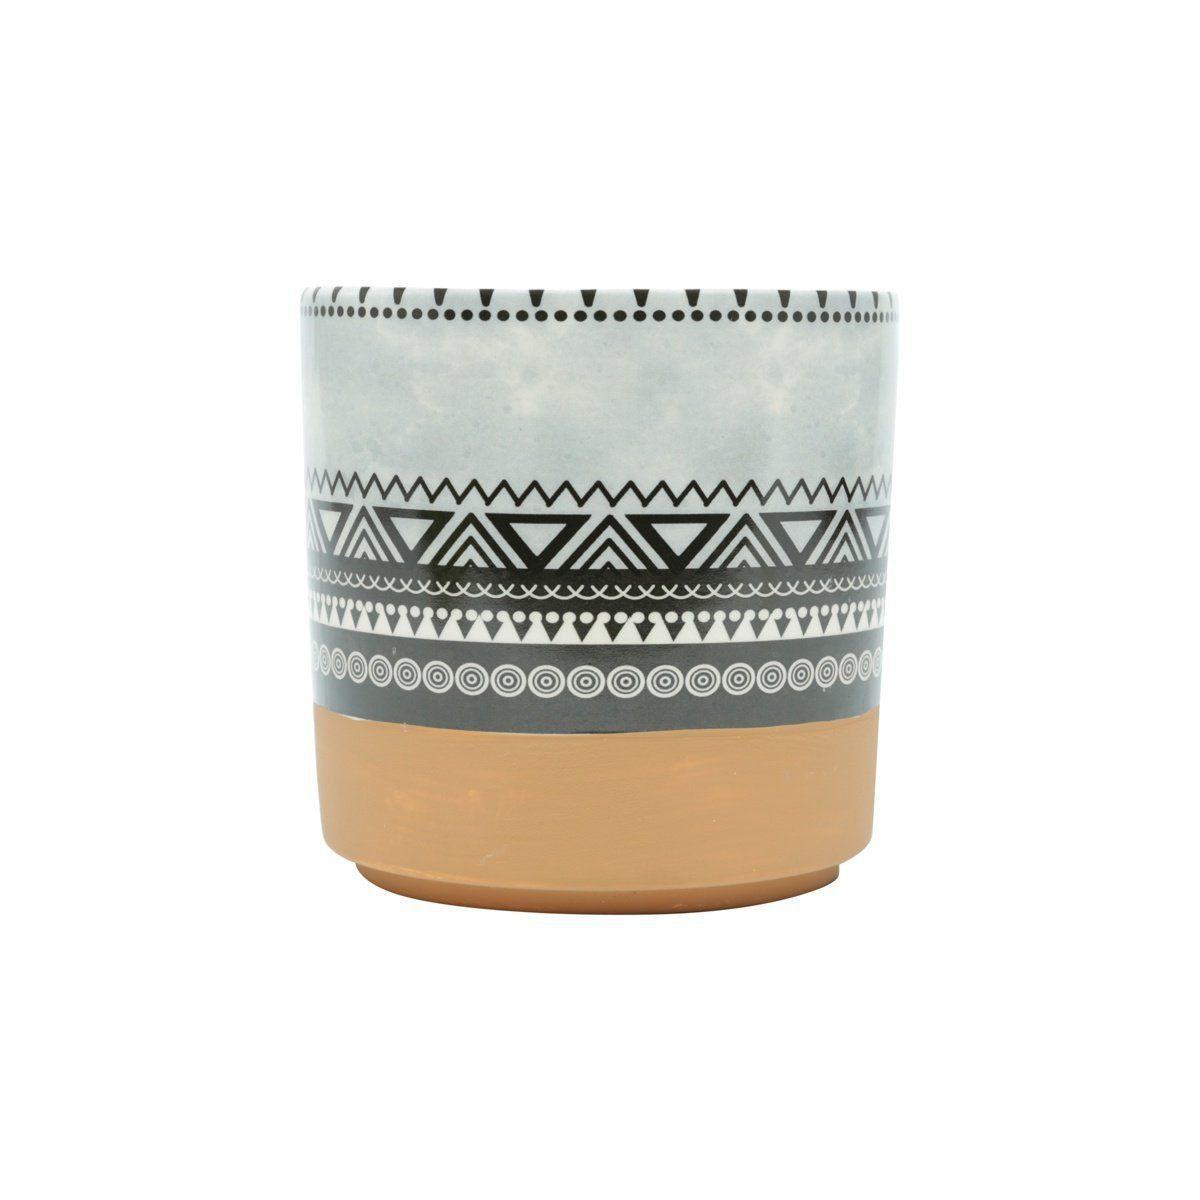 Vaso de Cerâmica Asteca Triângulos Colorido 14cm x 14cm - 42060